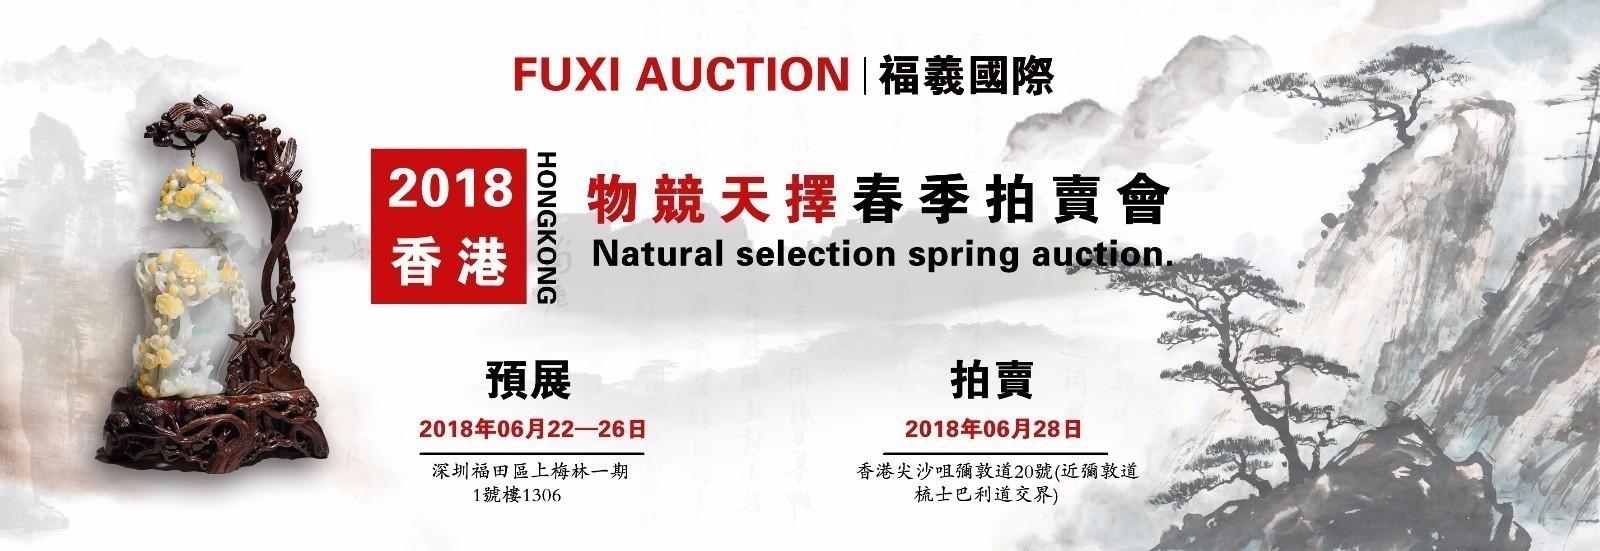 福羲国际拍卖艺术品市场的投资动力与需承担的风险